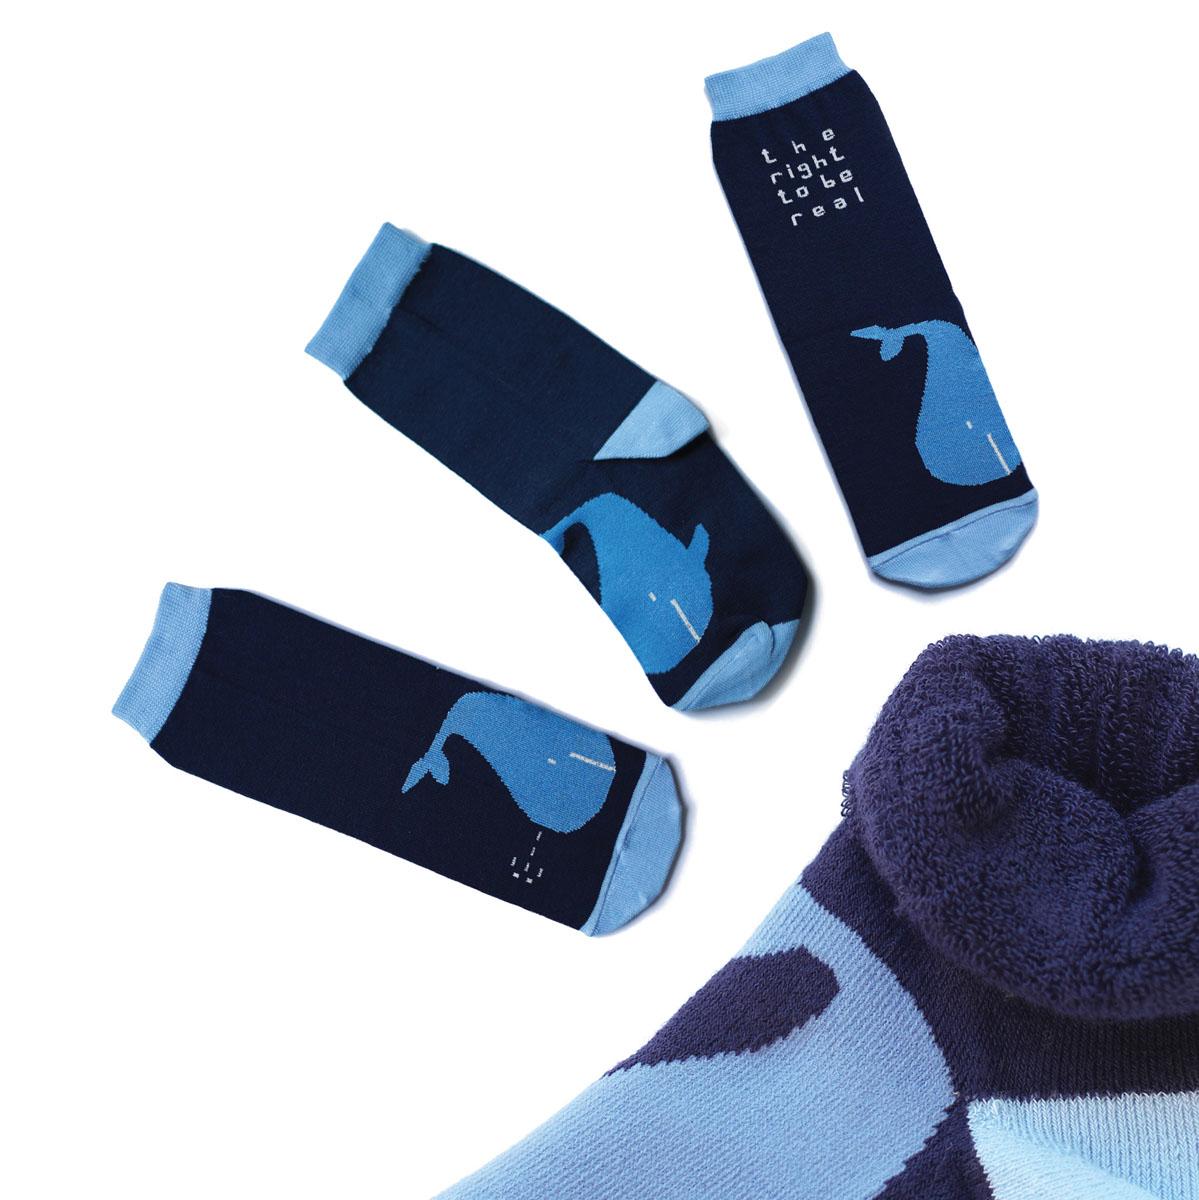 Носкиca1333_махровыеМужские махровые носки Big Bang Socks изготовлены из высококачественного хлопка с добавлением полиамидных и эластановых волокон, которые обеспечивают великолепную посадку. Носки отличаются ярким стильным дизайном, они оформлены изображением кита и надписью: The right to be real. Удобная широкая резинка идеально облегает ногу и не пережимает сосуды, усиленные пятка и мысок повышают износоустойчивость носка, а удлиненный паголенок придает более эстетичный вид. Дизайнерские носки Big Bang Socks - яркая деталь в вашем образе и оригинальный подарок для друзей и близких.